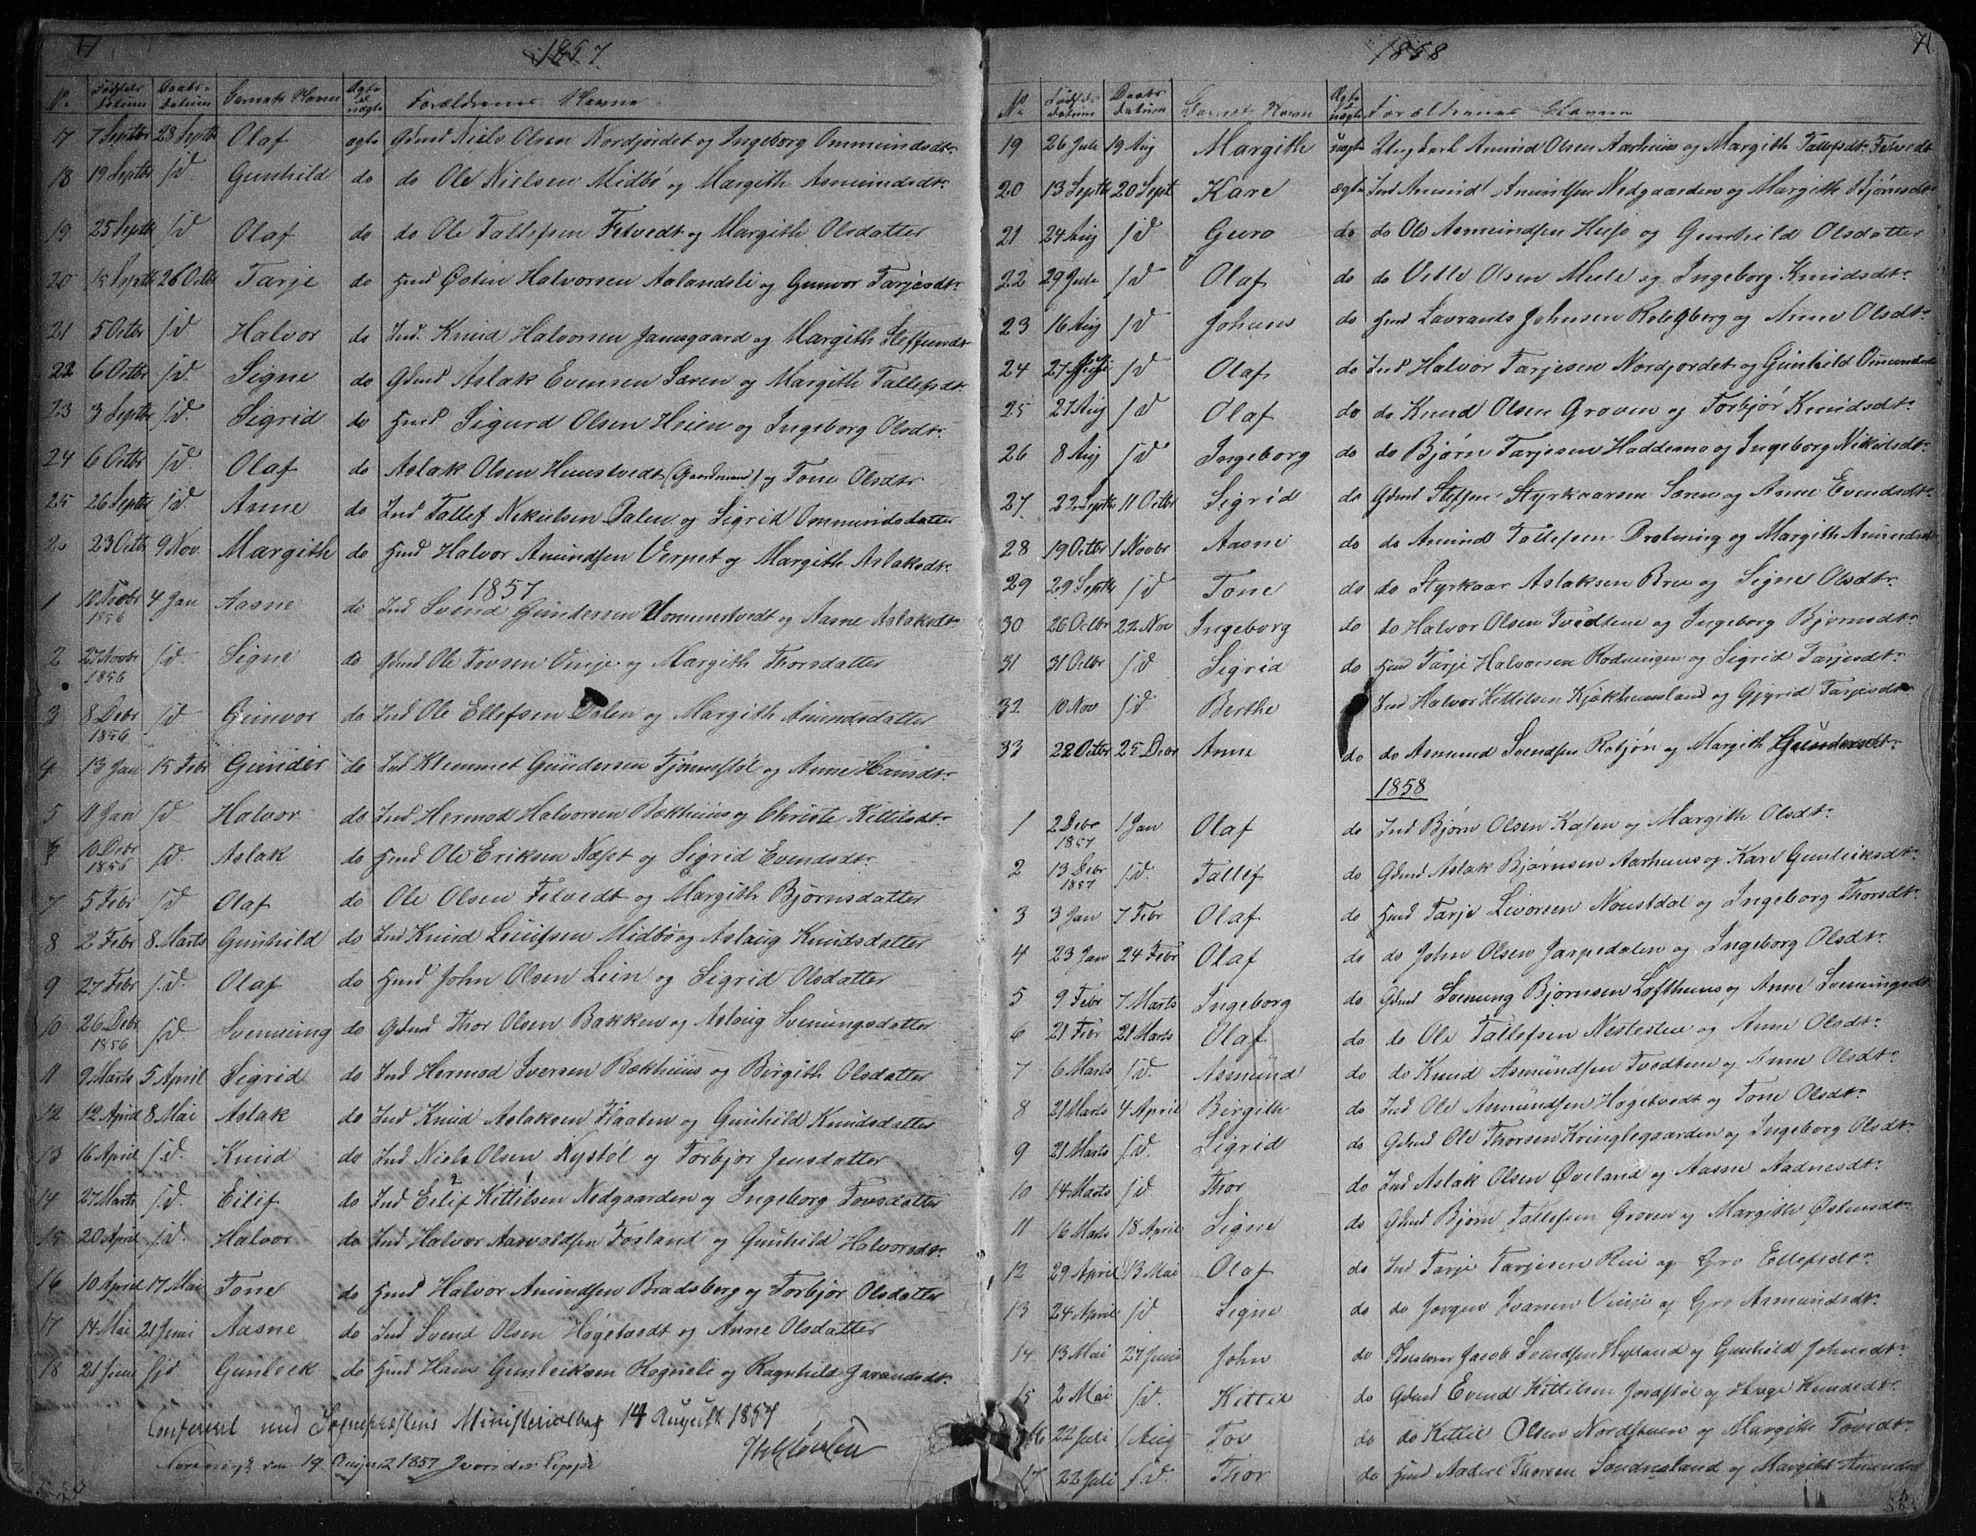 SAKO, Vinje kirkebøker, G/Ga/L0002: Klokkerbok nr. I 2, 1849-1893, s. 7